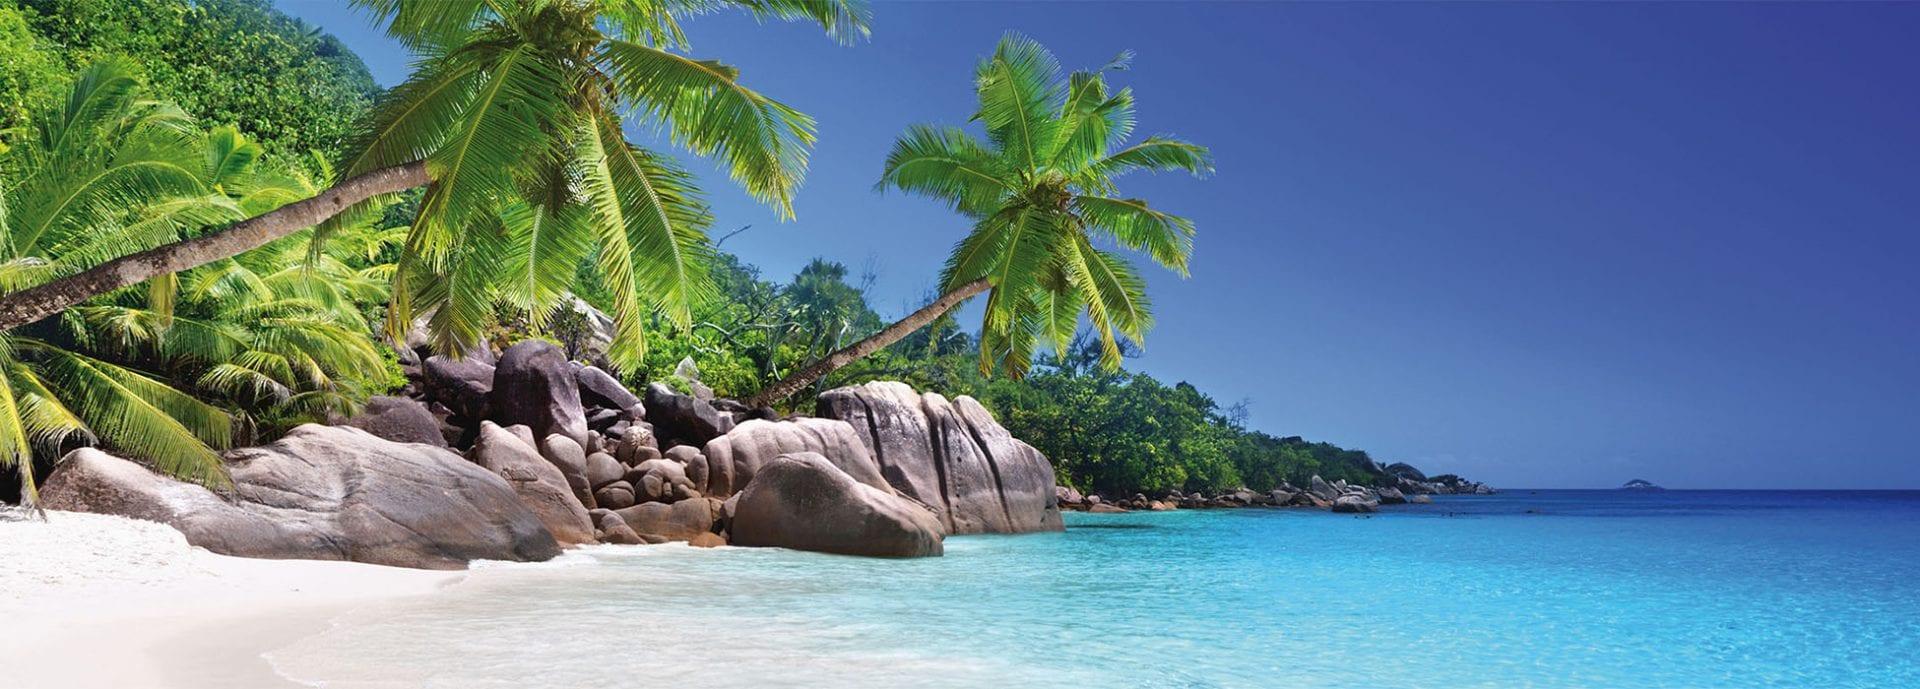 Ile de Praslin, Seychelles